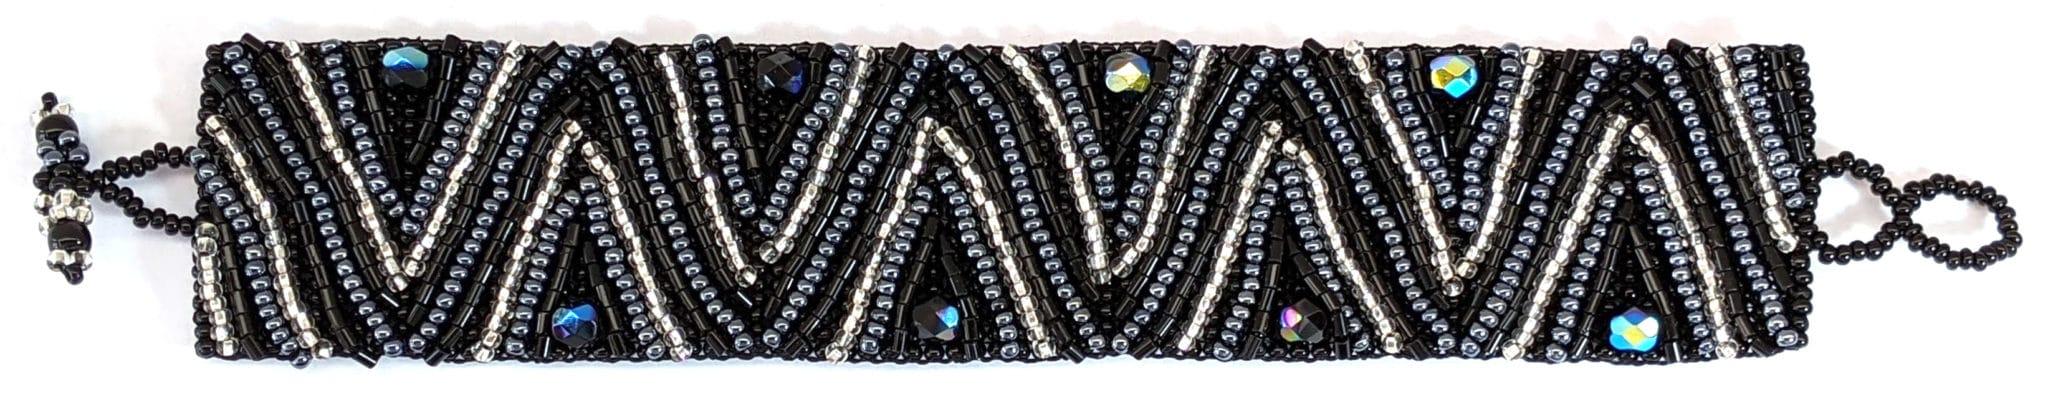 Volcanos and Stars Beaded Bracelet - Black, White, Hematite Gray